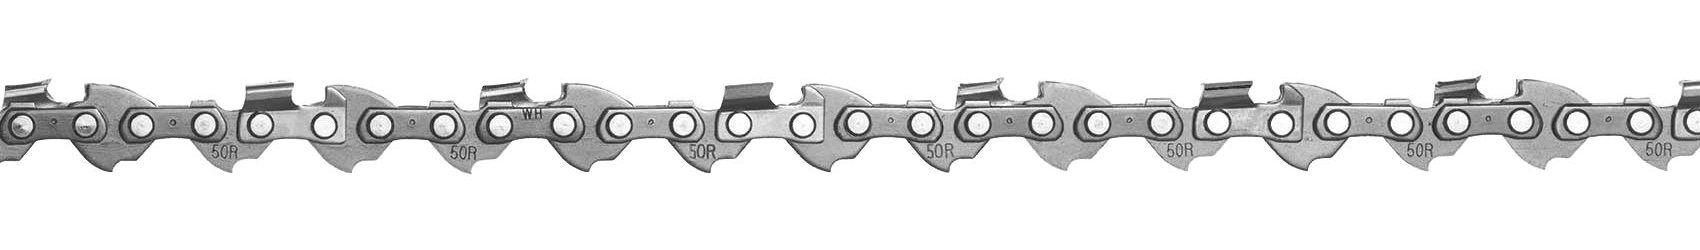 """GARDENA Ersatzkette »CHO015, 00057-76«, für Kettensägen mit 30 cm Schwertlänge, 169 cm Länge, 3/8"""""""